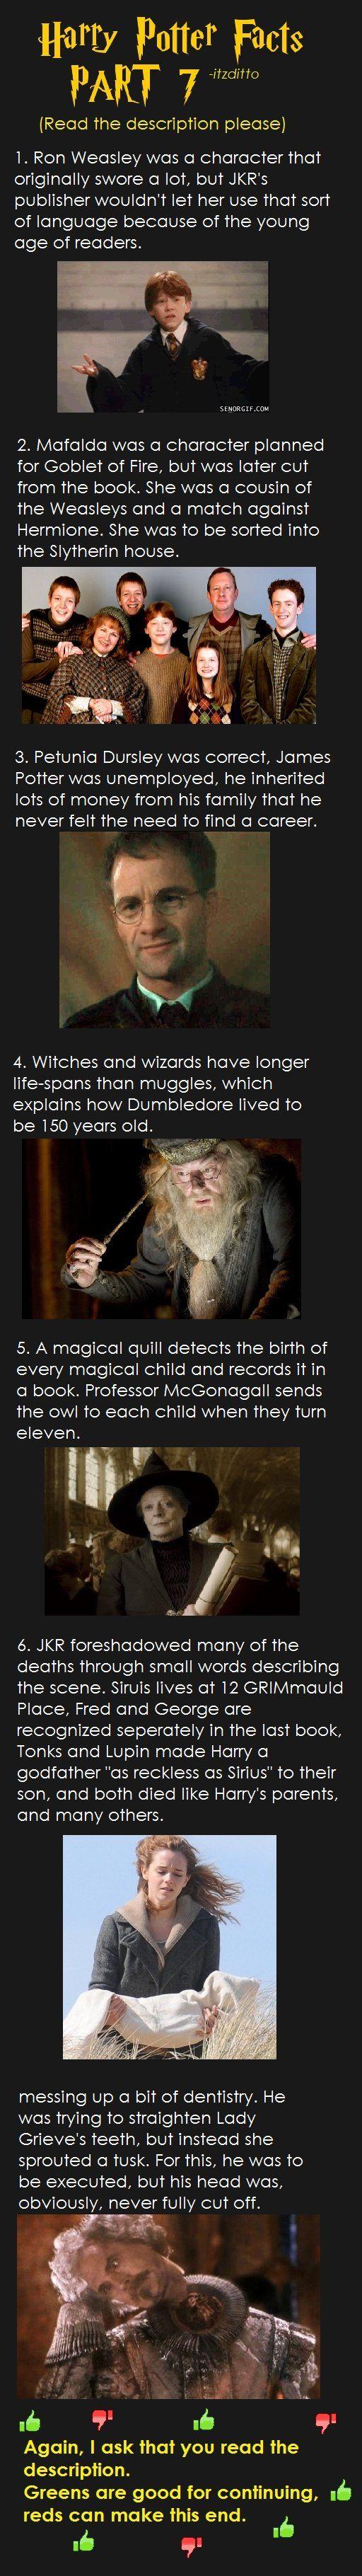 Harry Potter Facts Part 7 - Imgur